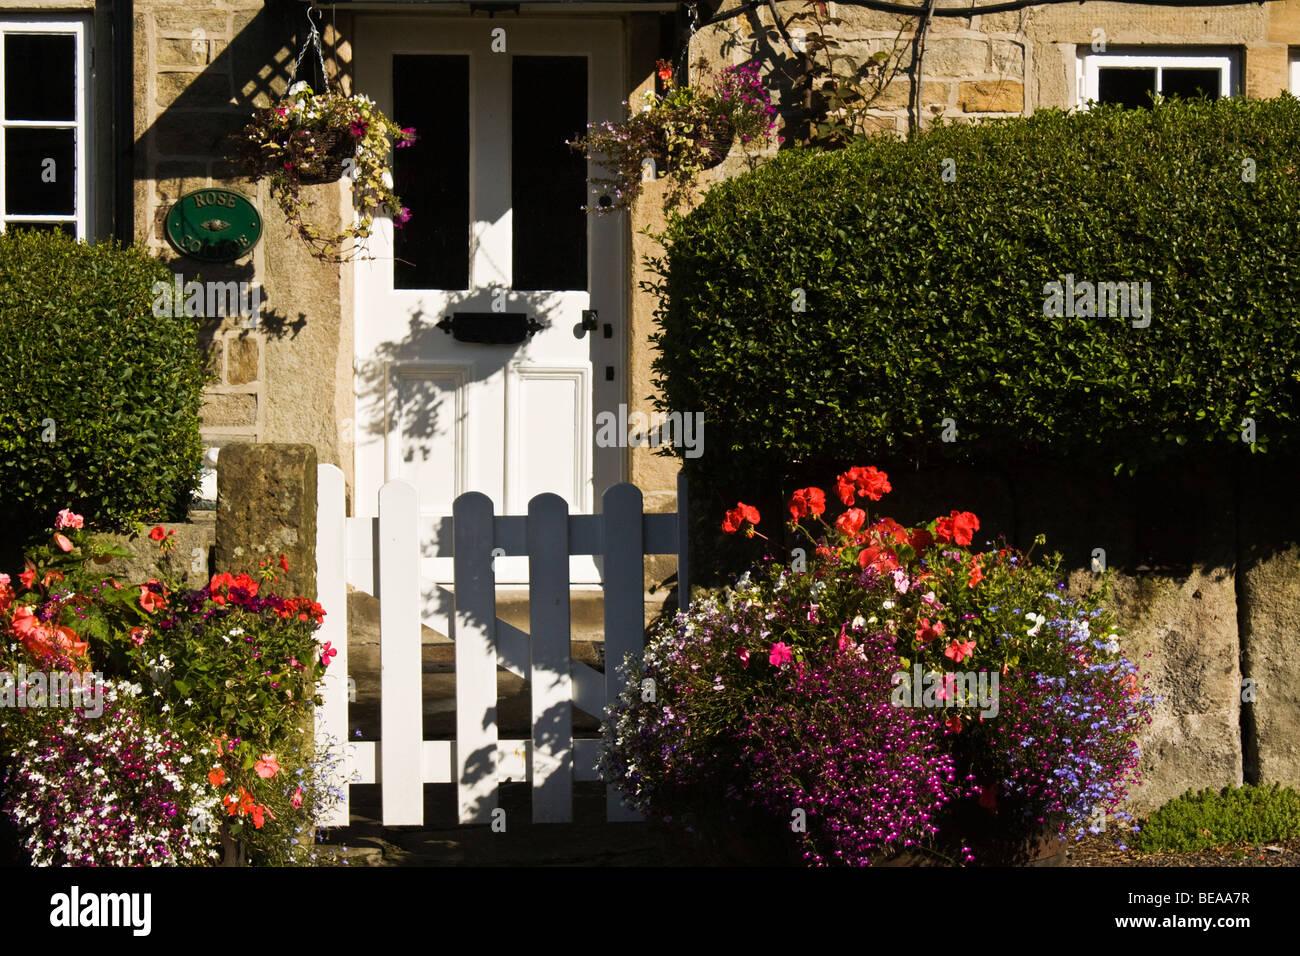 Rose Cottage,Froggatt,Peak District National Park, Derbyshire, England - Stock Image